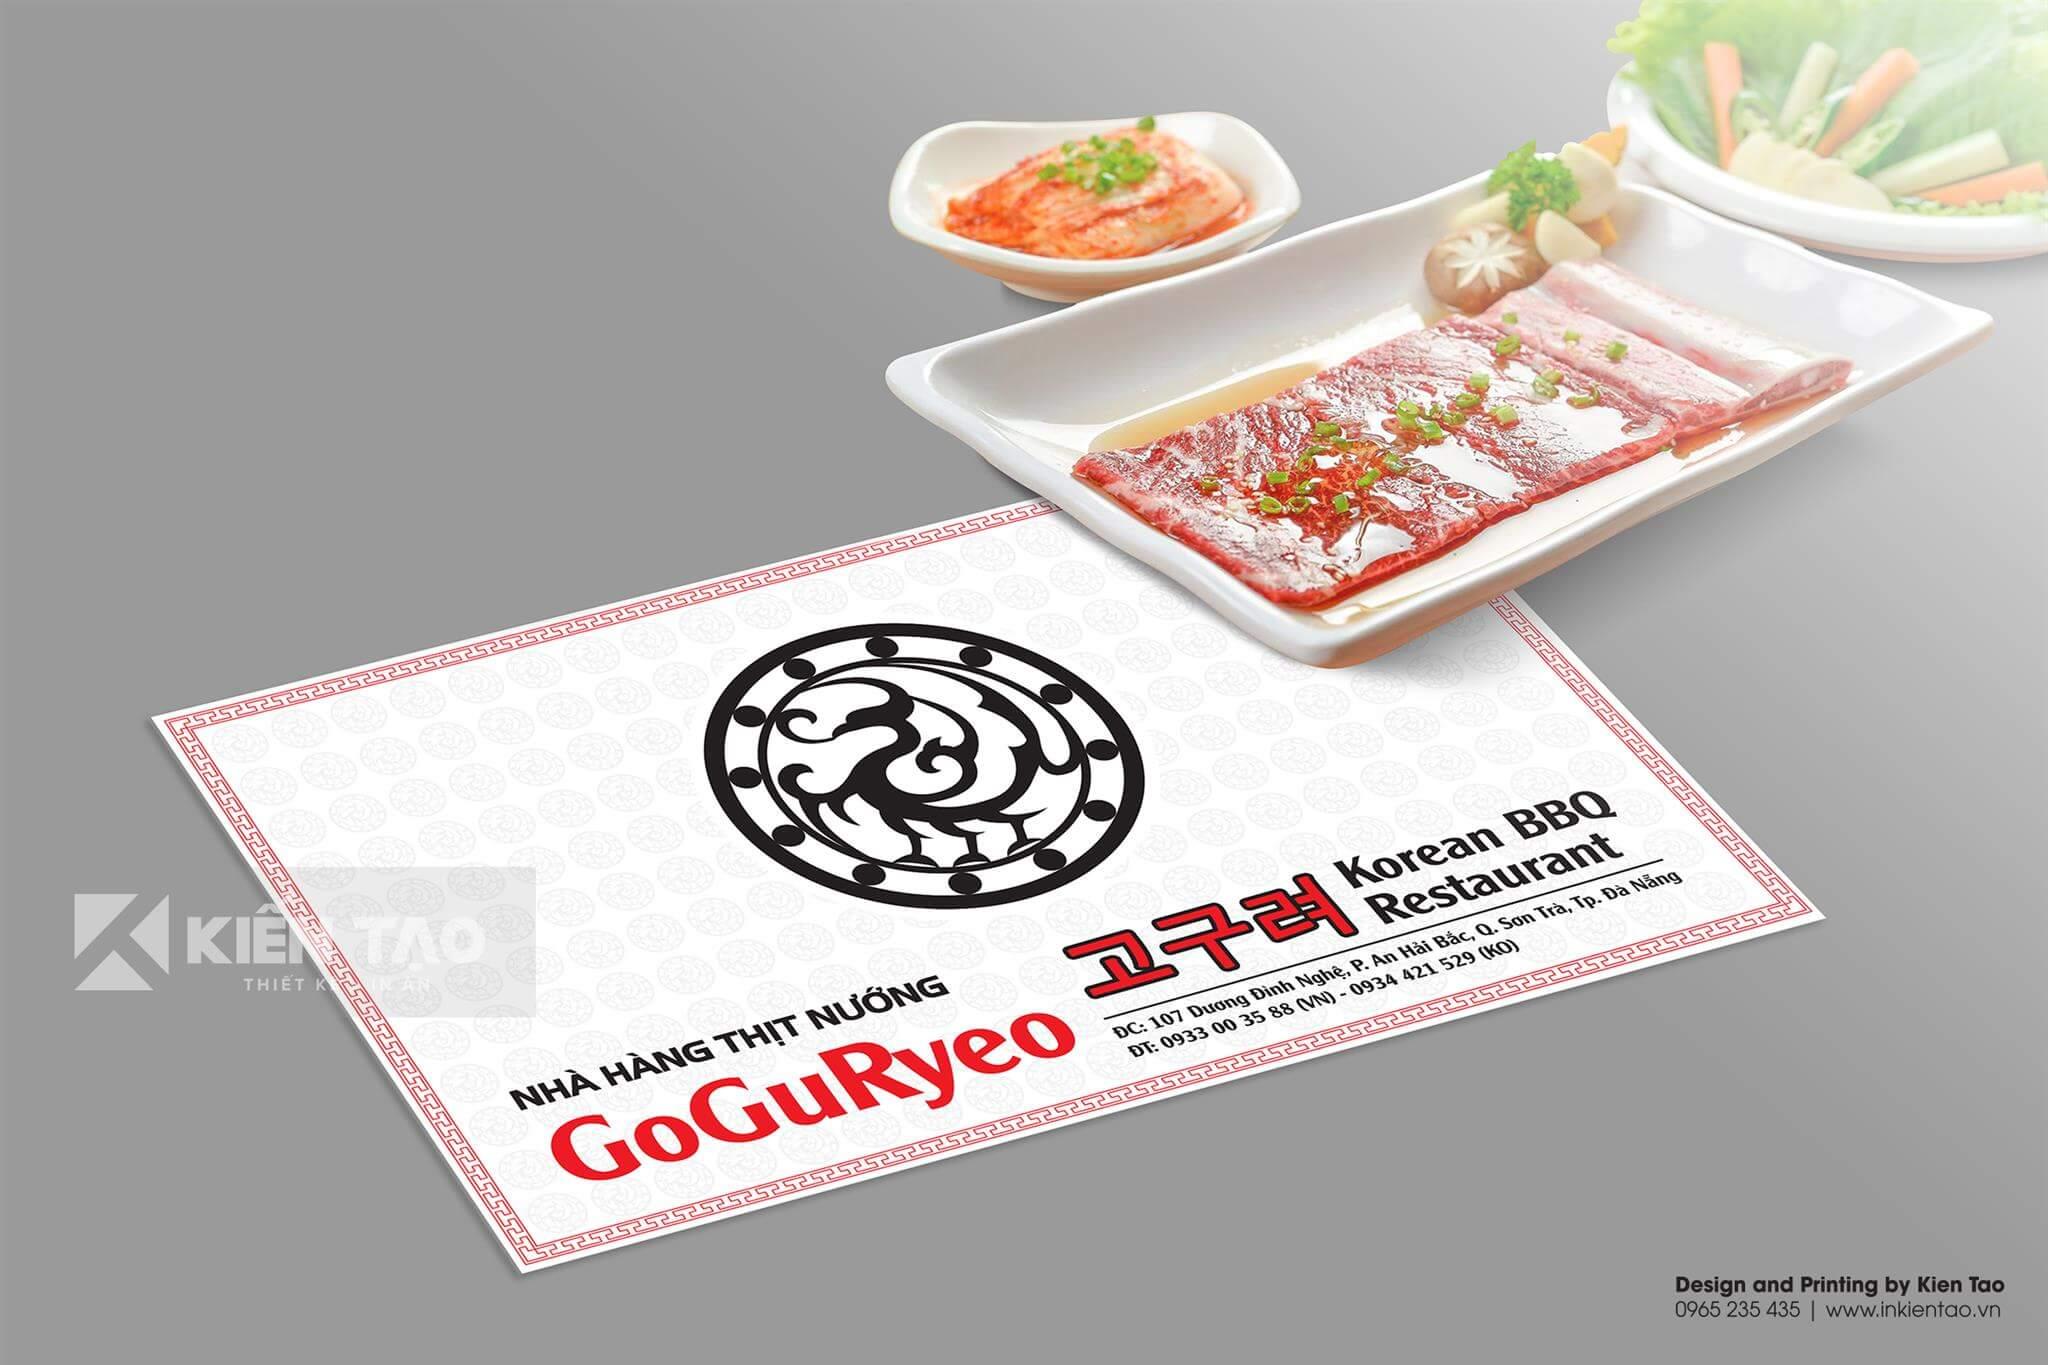 B - Bí mật sau sự thành công của các nhà hàng Hàn Quốc Tại Đà Nẵng